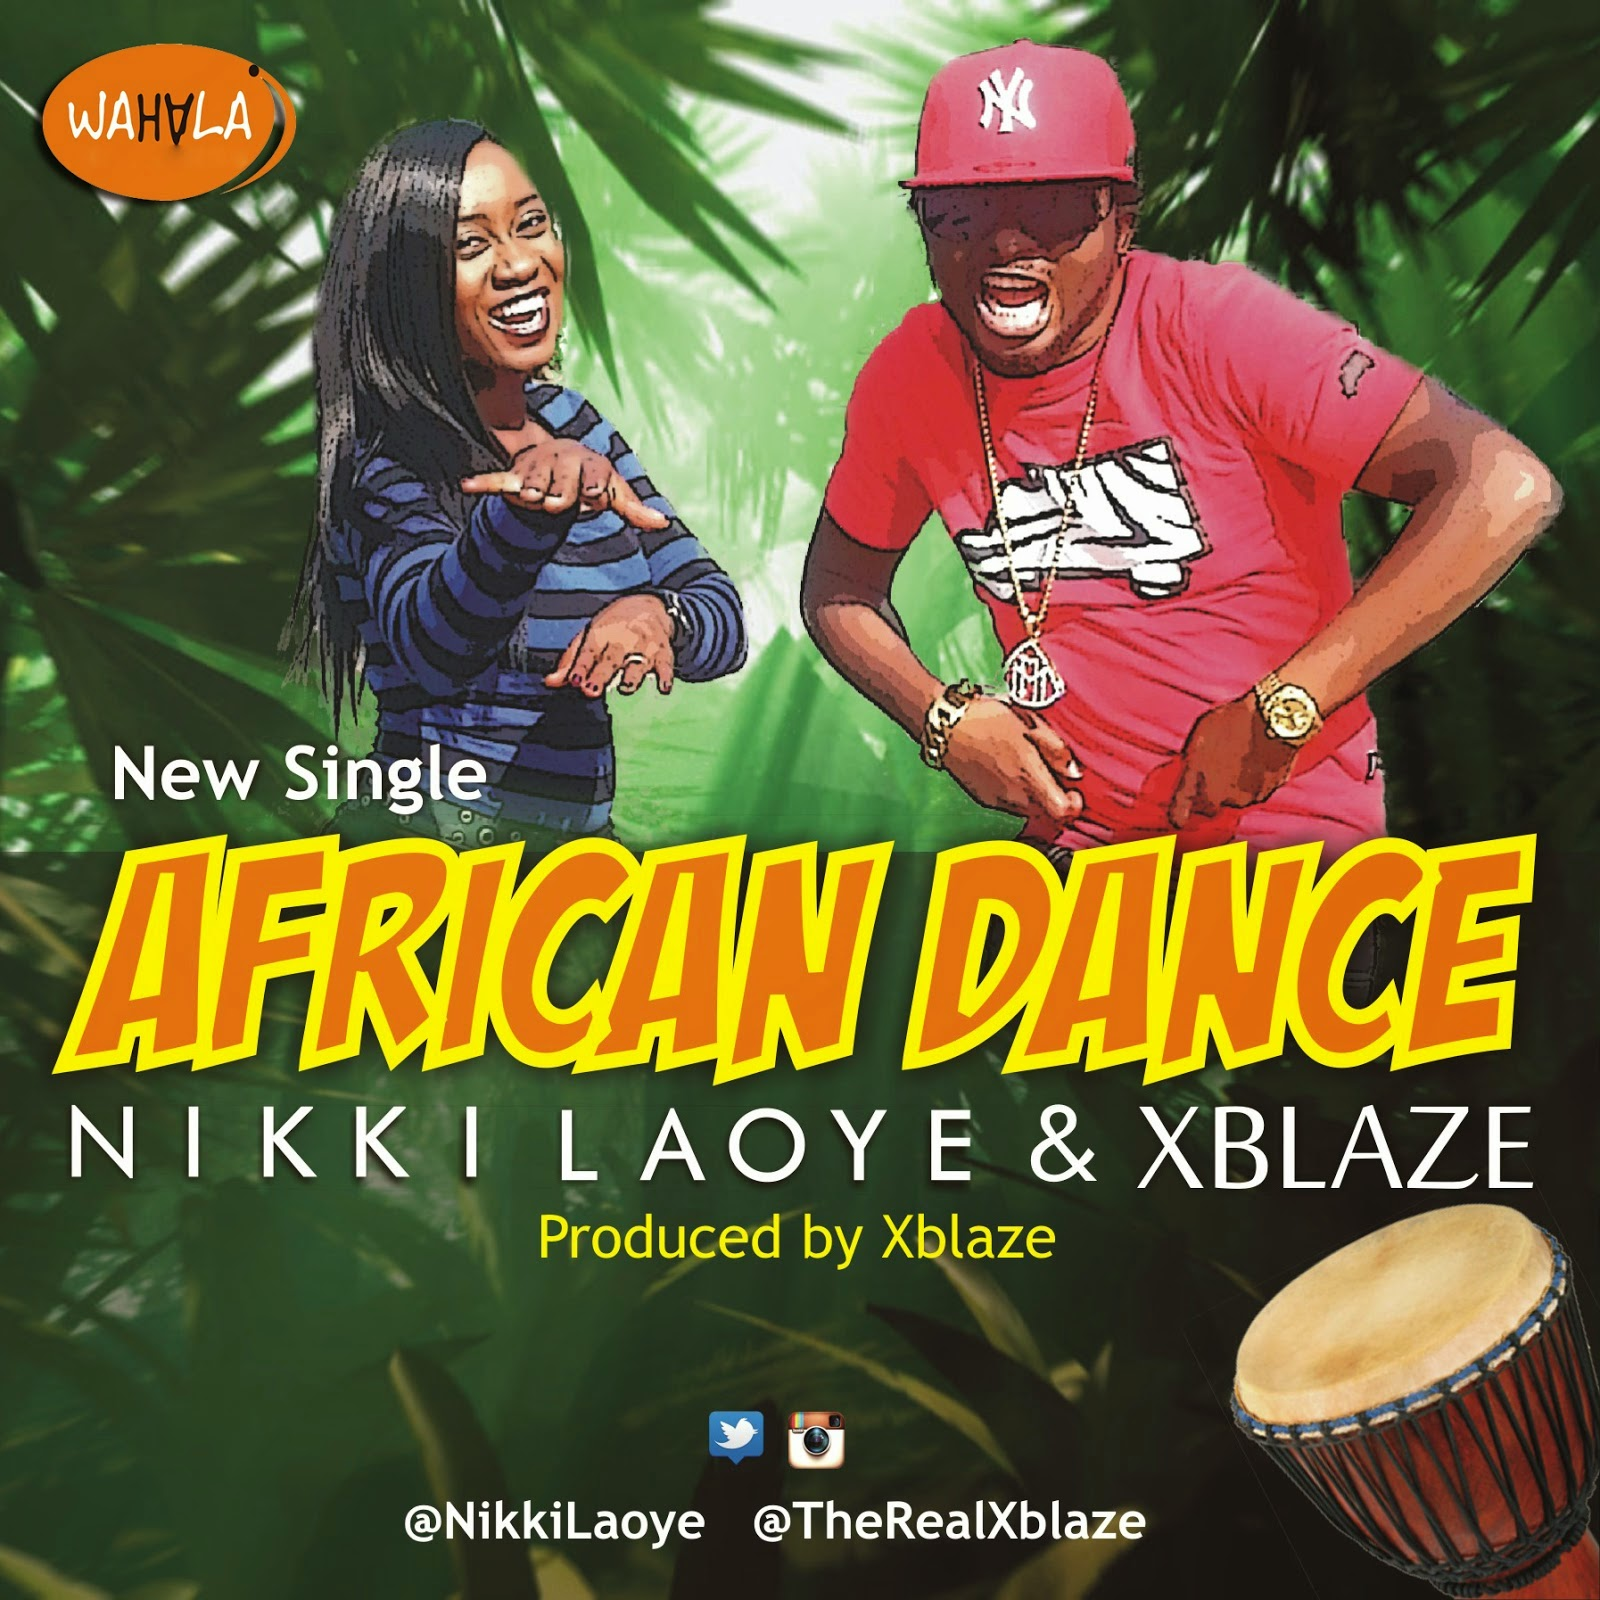 NEW MUSIC: NIKKI LAOYE & XBLAZE - AFRICAN DANCE